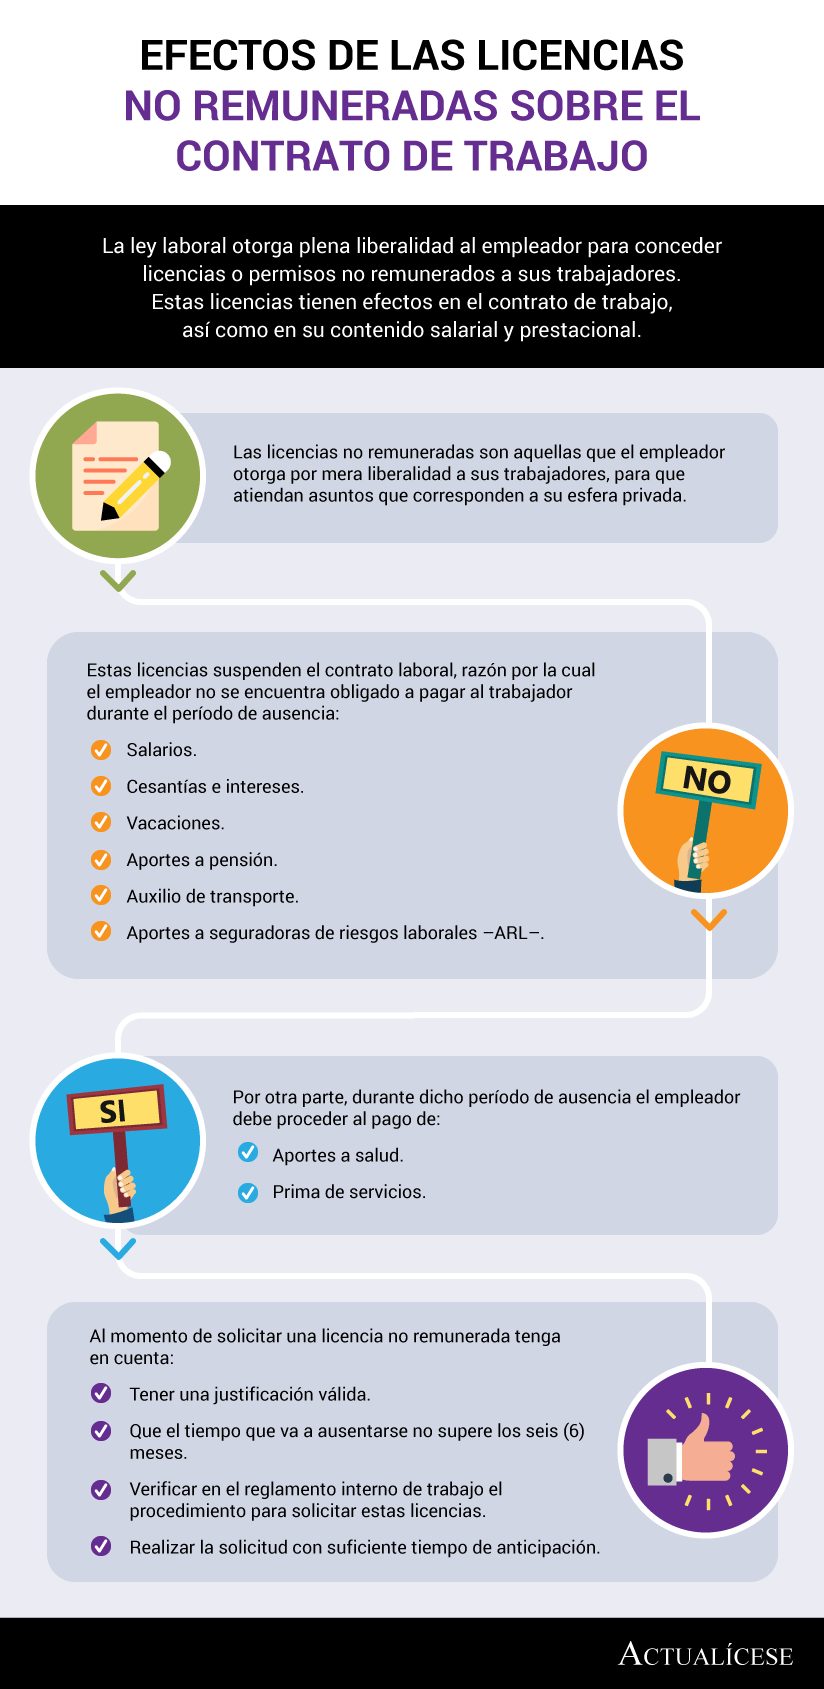 [Infografía] Efectos de las licencias no remuneradas sobre el contrato de trabajo